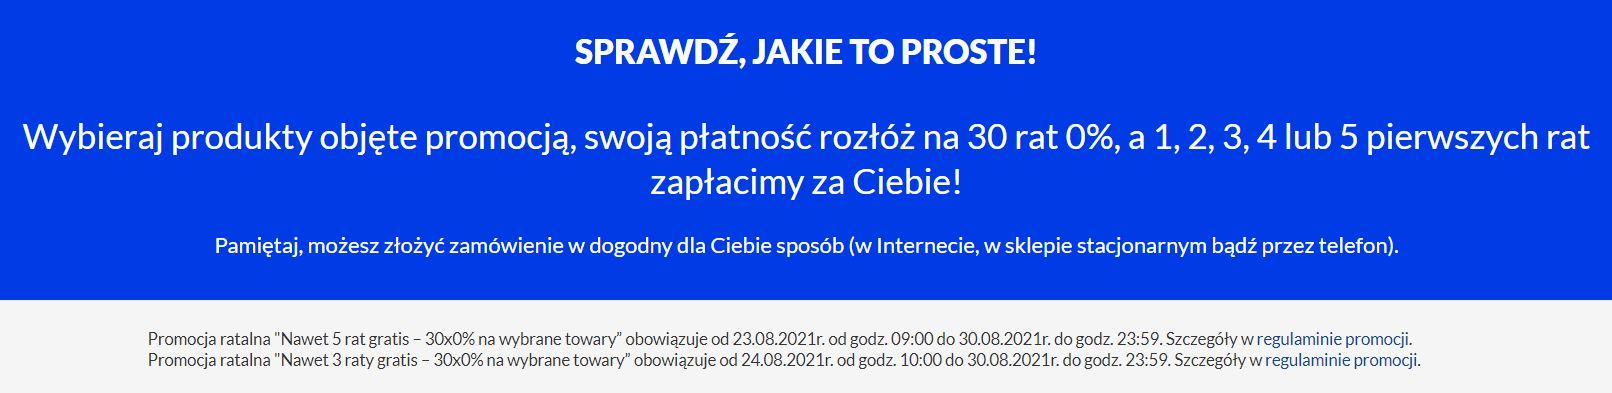 Promocja z ratami na RTV EUro AGD - laptop na raty w promocji